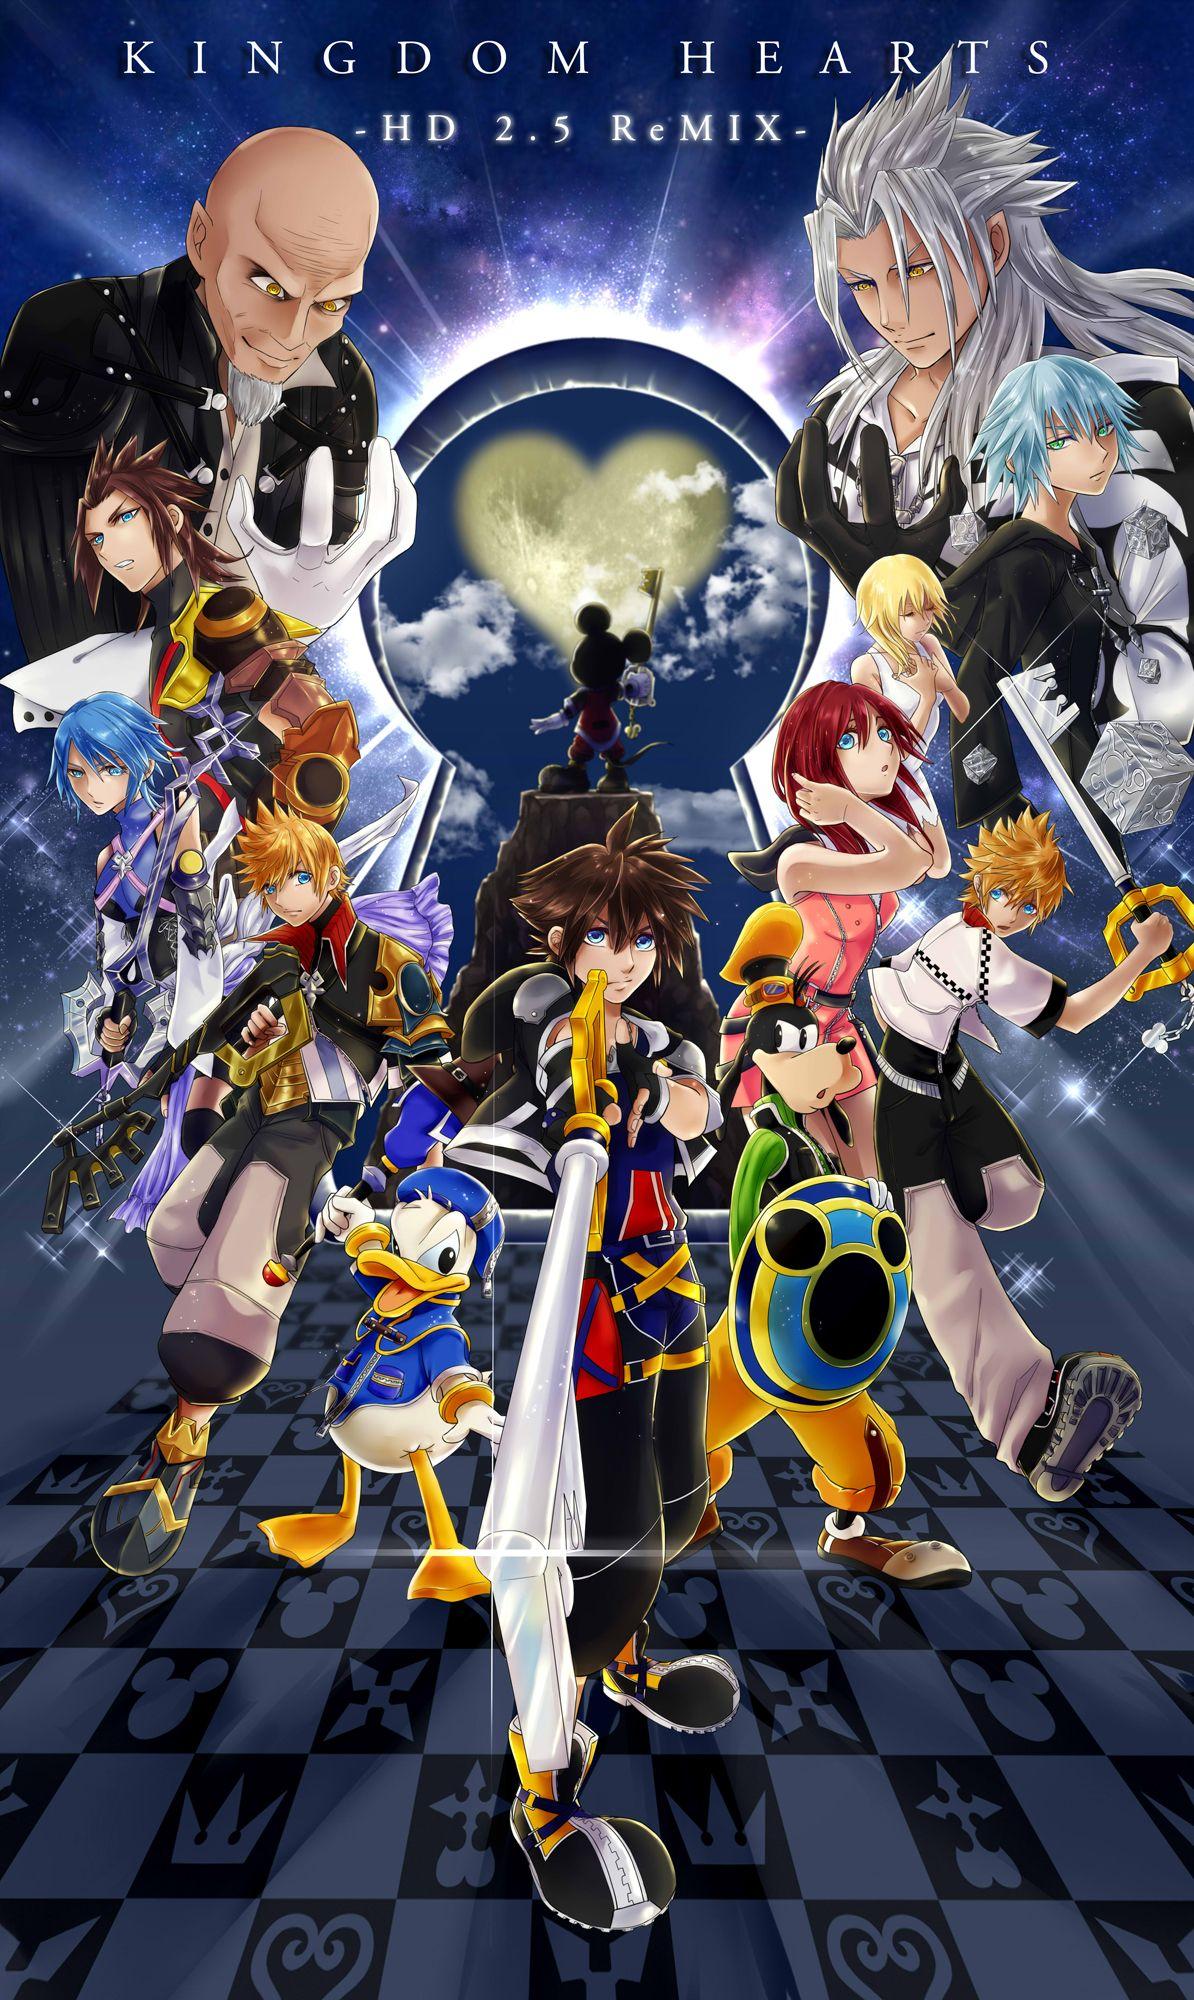 キンハ Hd2 5remix Kingdom Hearts Kingdom Hearts Fanart Kingdom Hearts Art